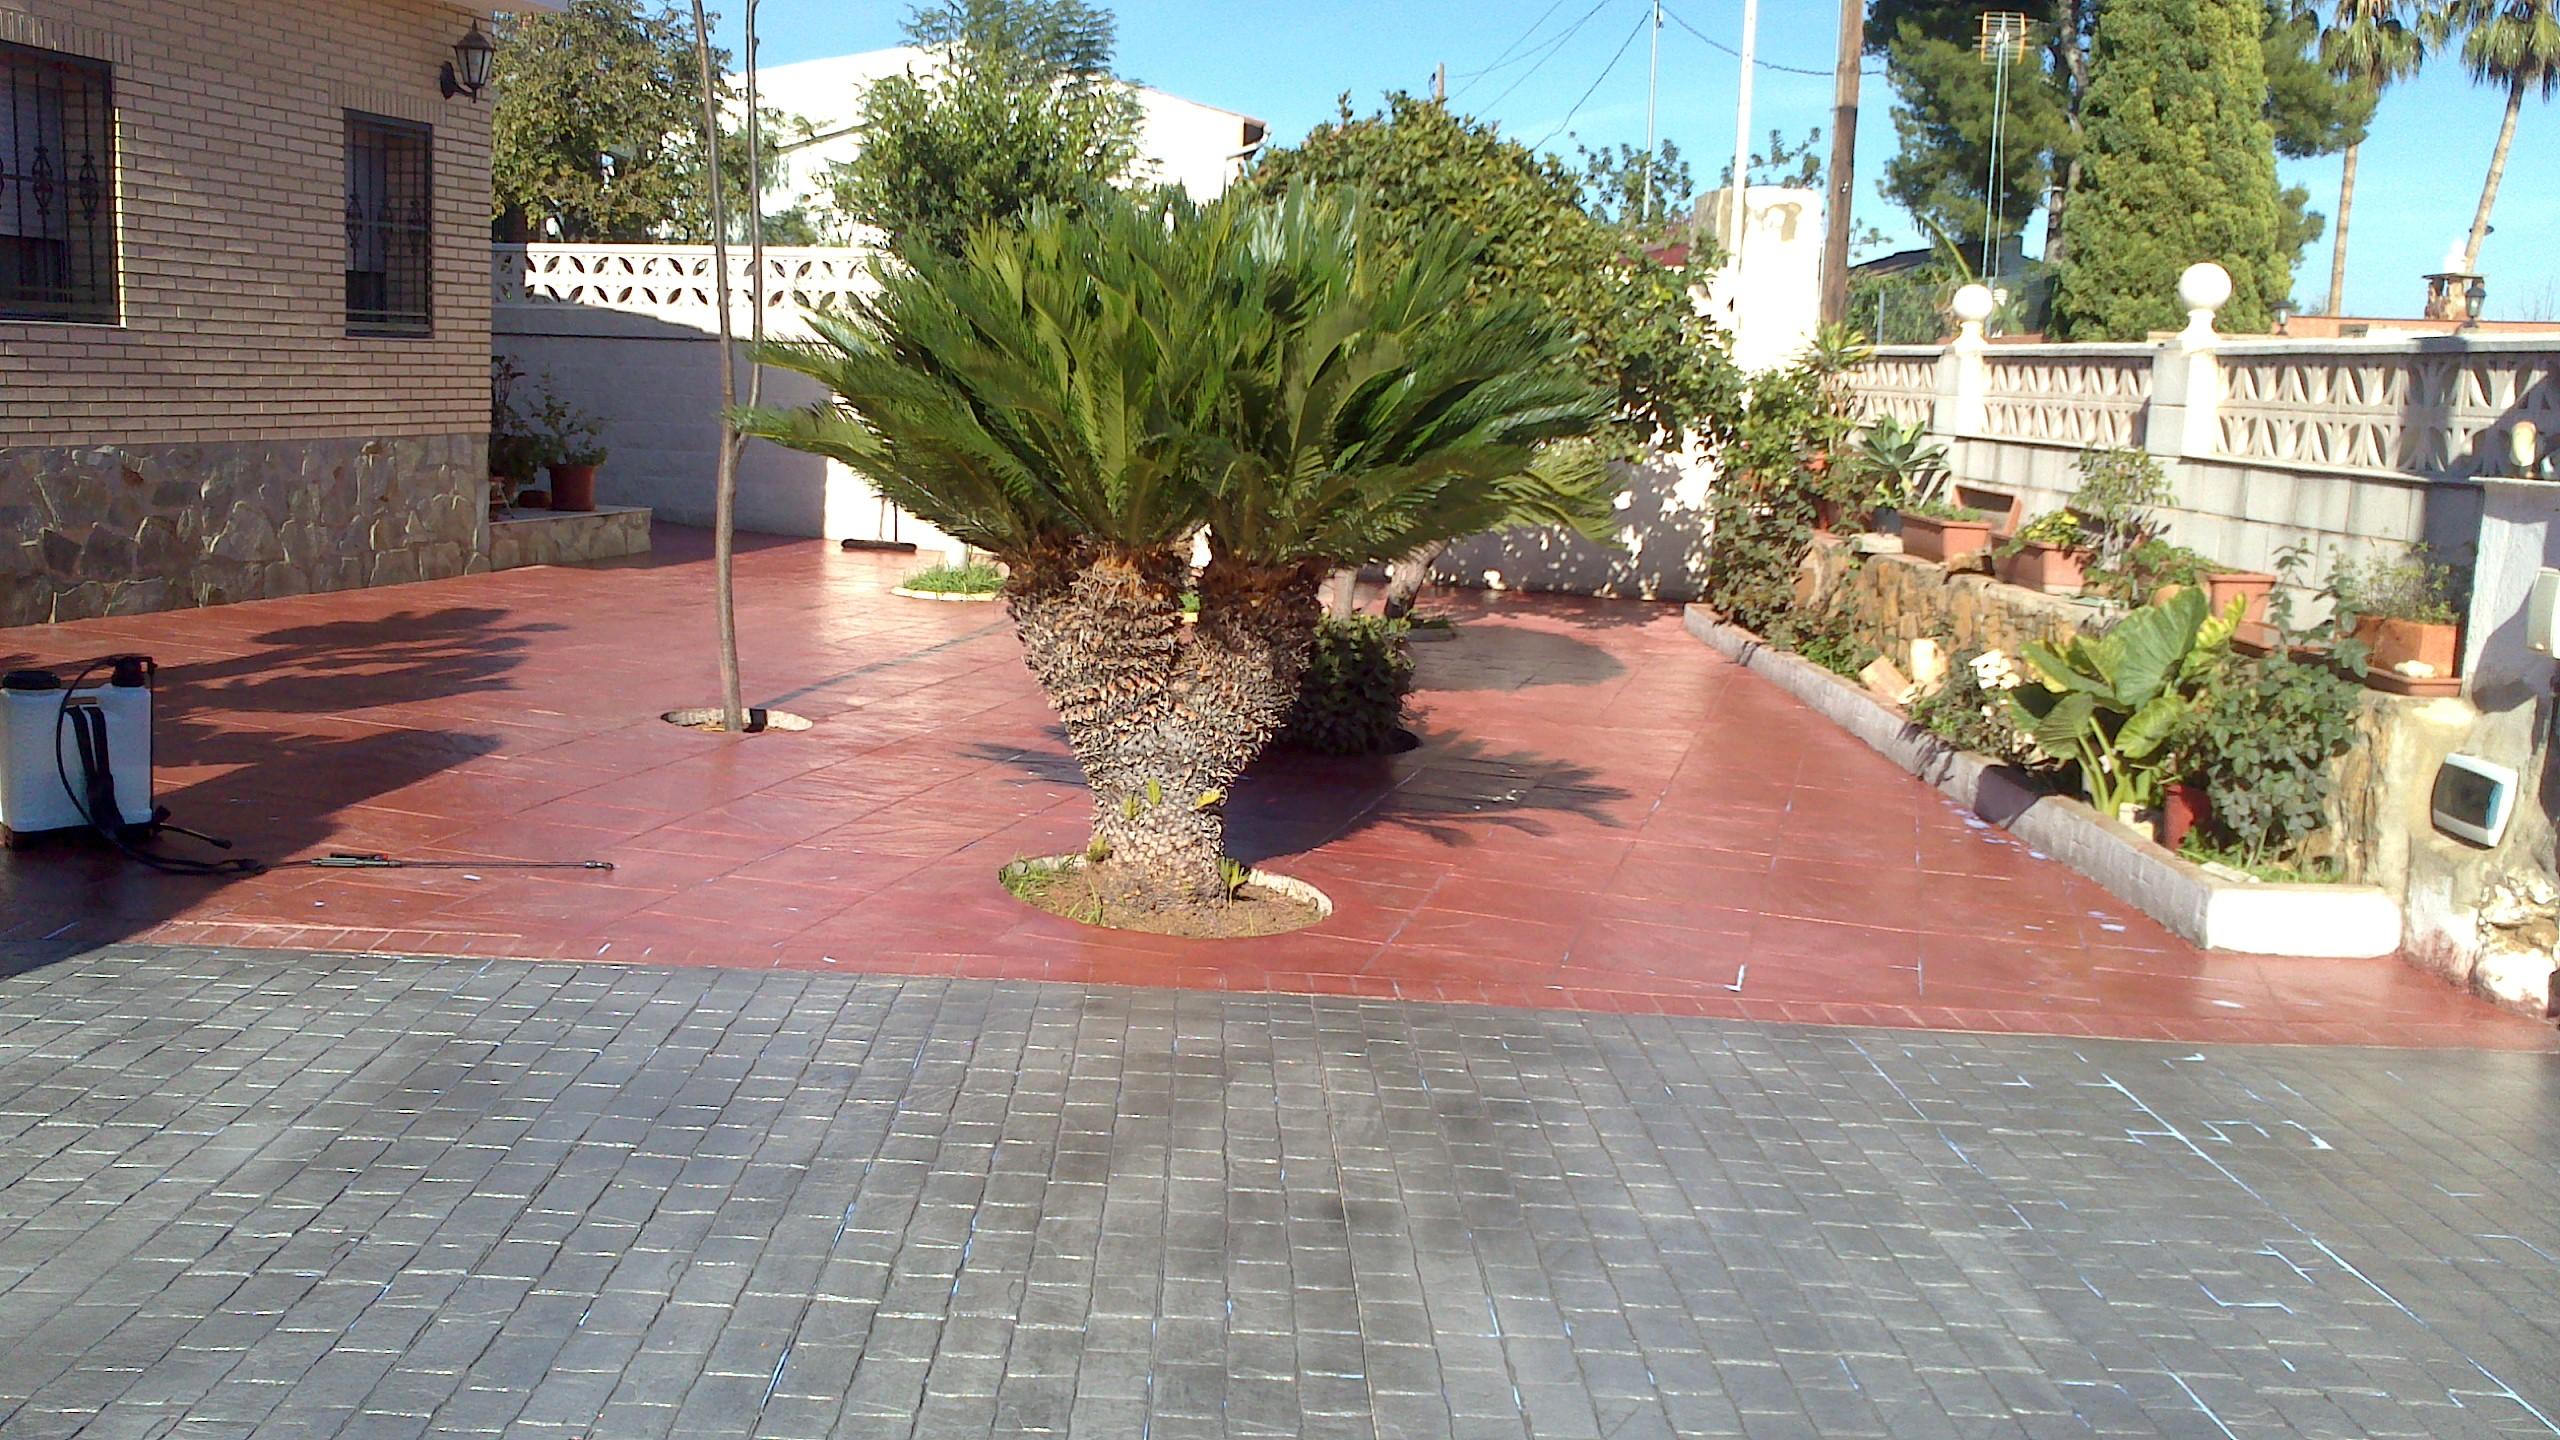 Pavimentos Para Jardines Exteriores - Diseños Arquitectónicos ...